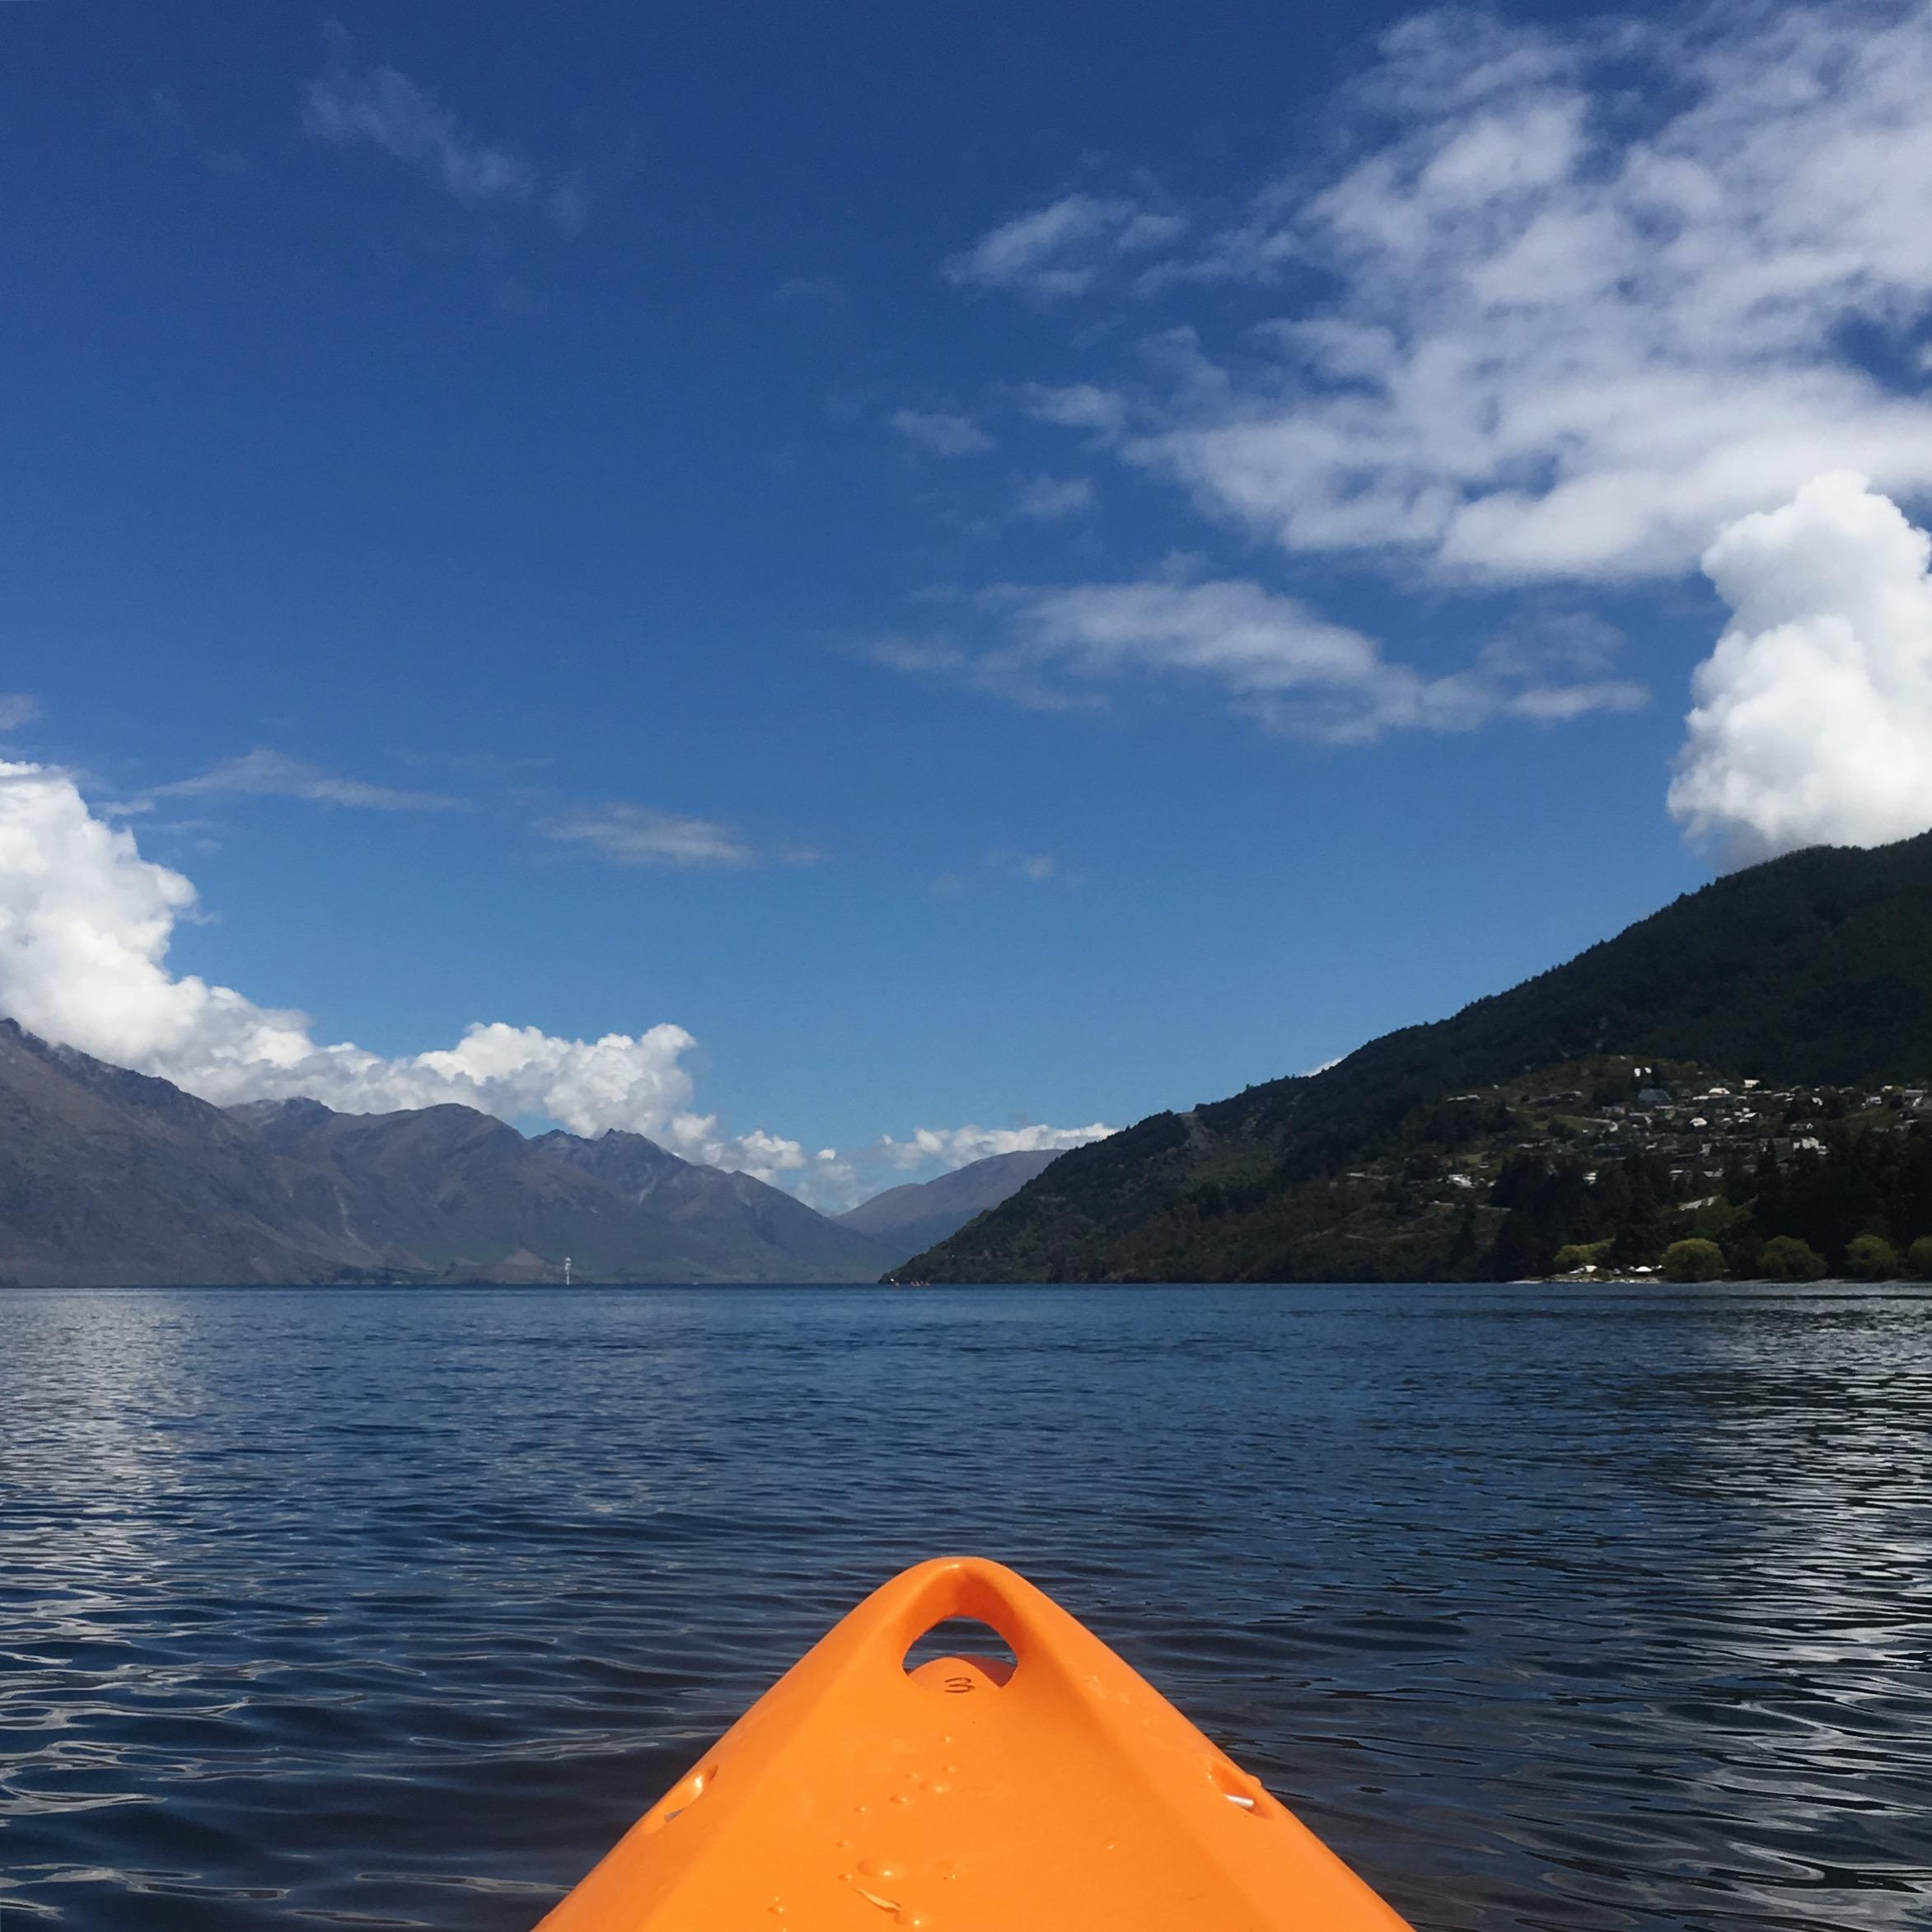 Lozidaze_NZ_Queenstown-Wakatipu_02